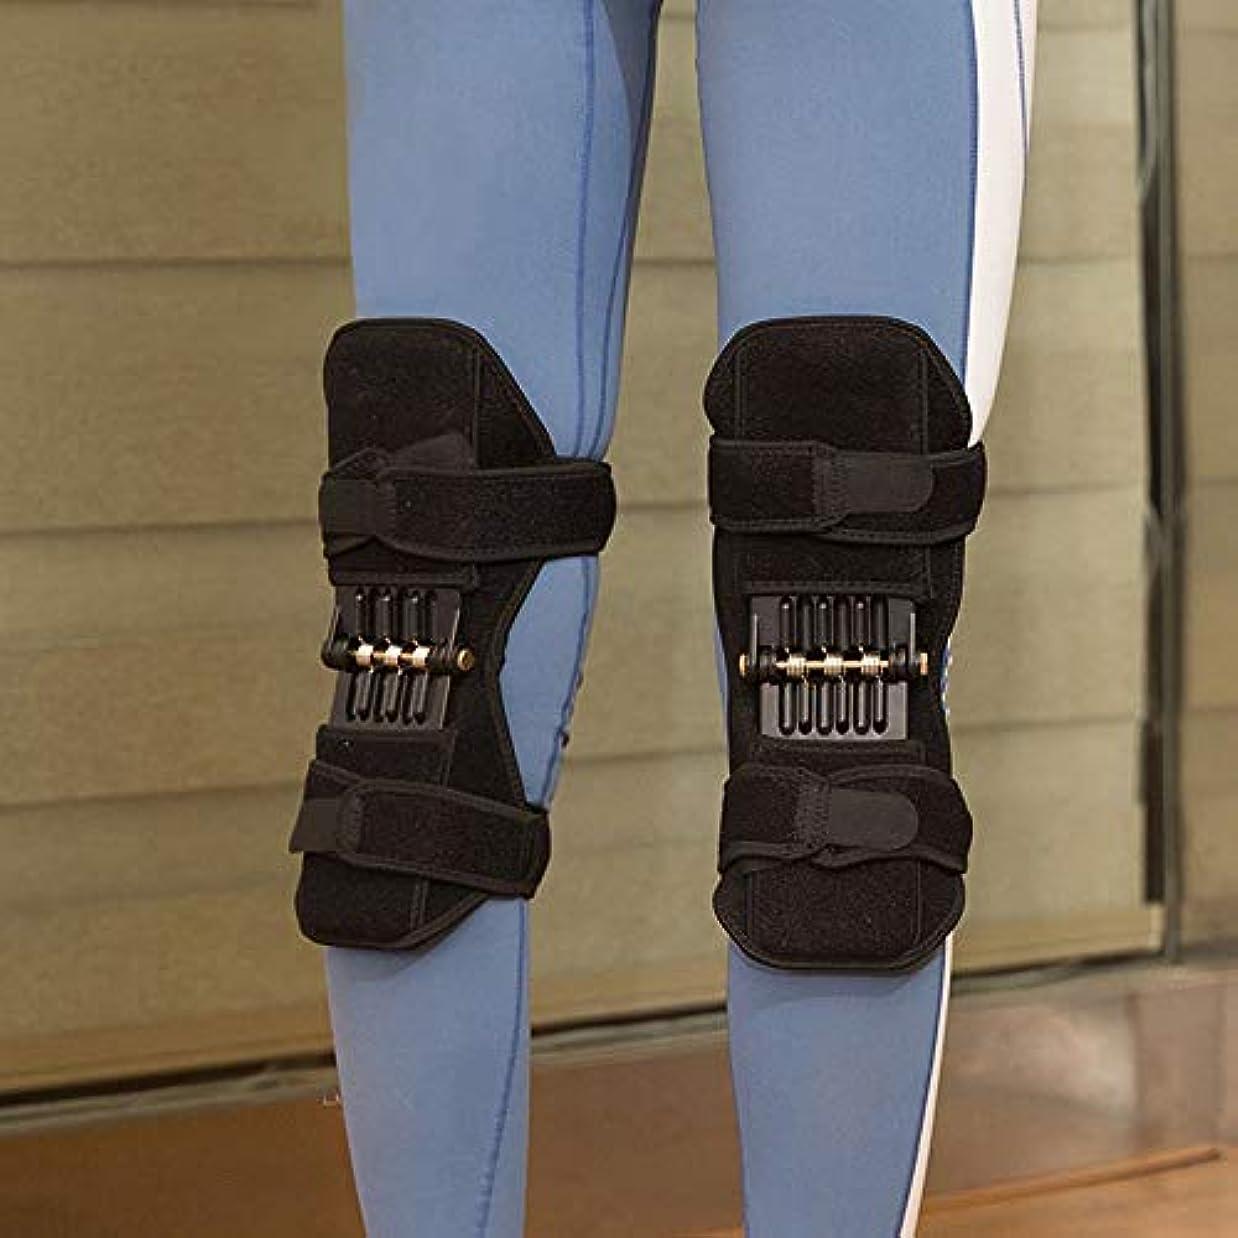 不倫ストリーム道徳の1 ペアスポーツ 春の膝 ストラップ 登山 ランニング 膝 ブースター 膝 パッド 膝関節保護 マッサージツール